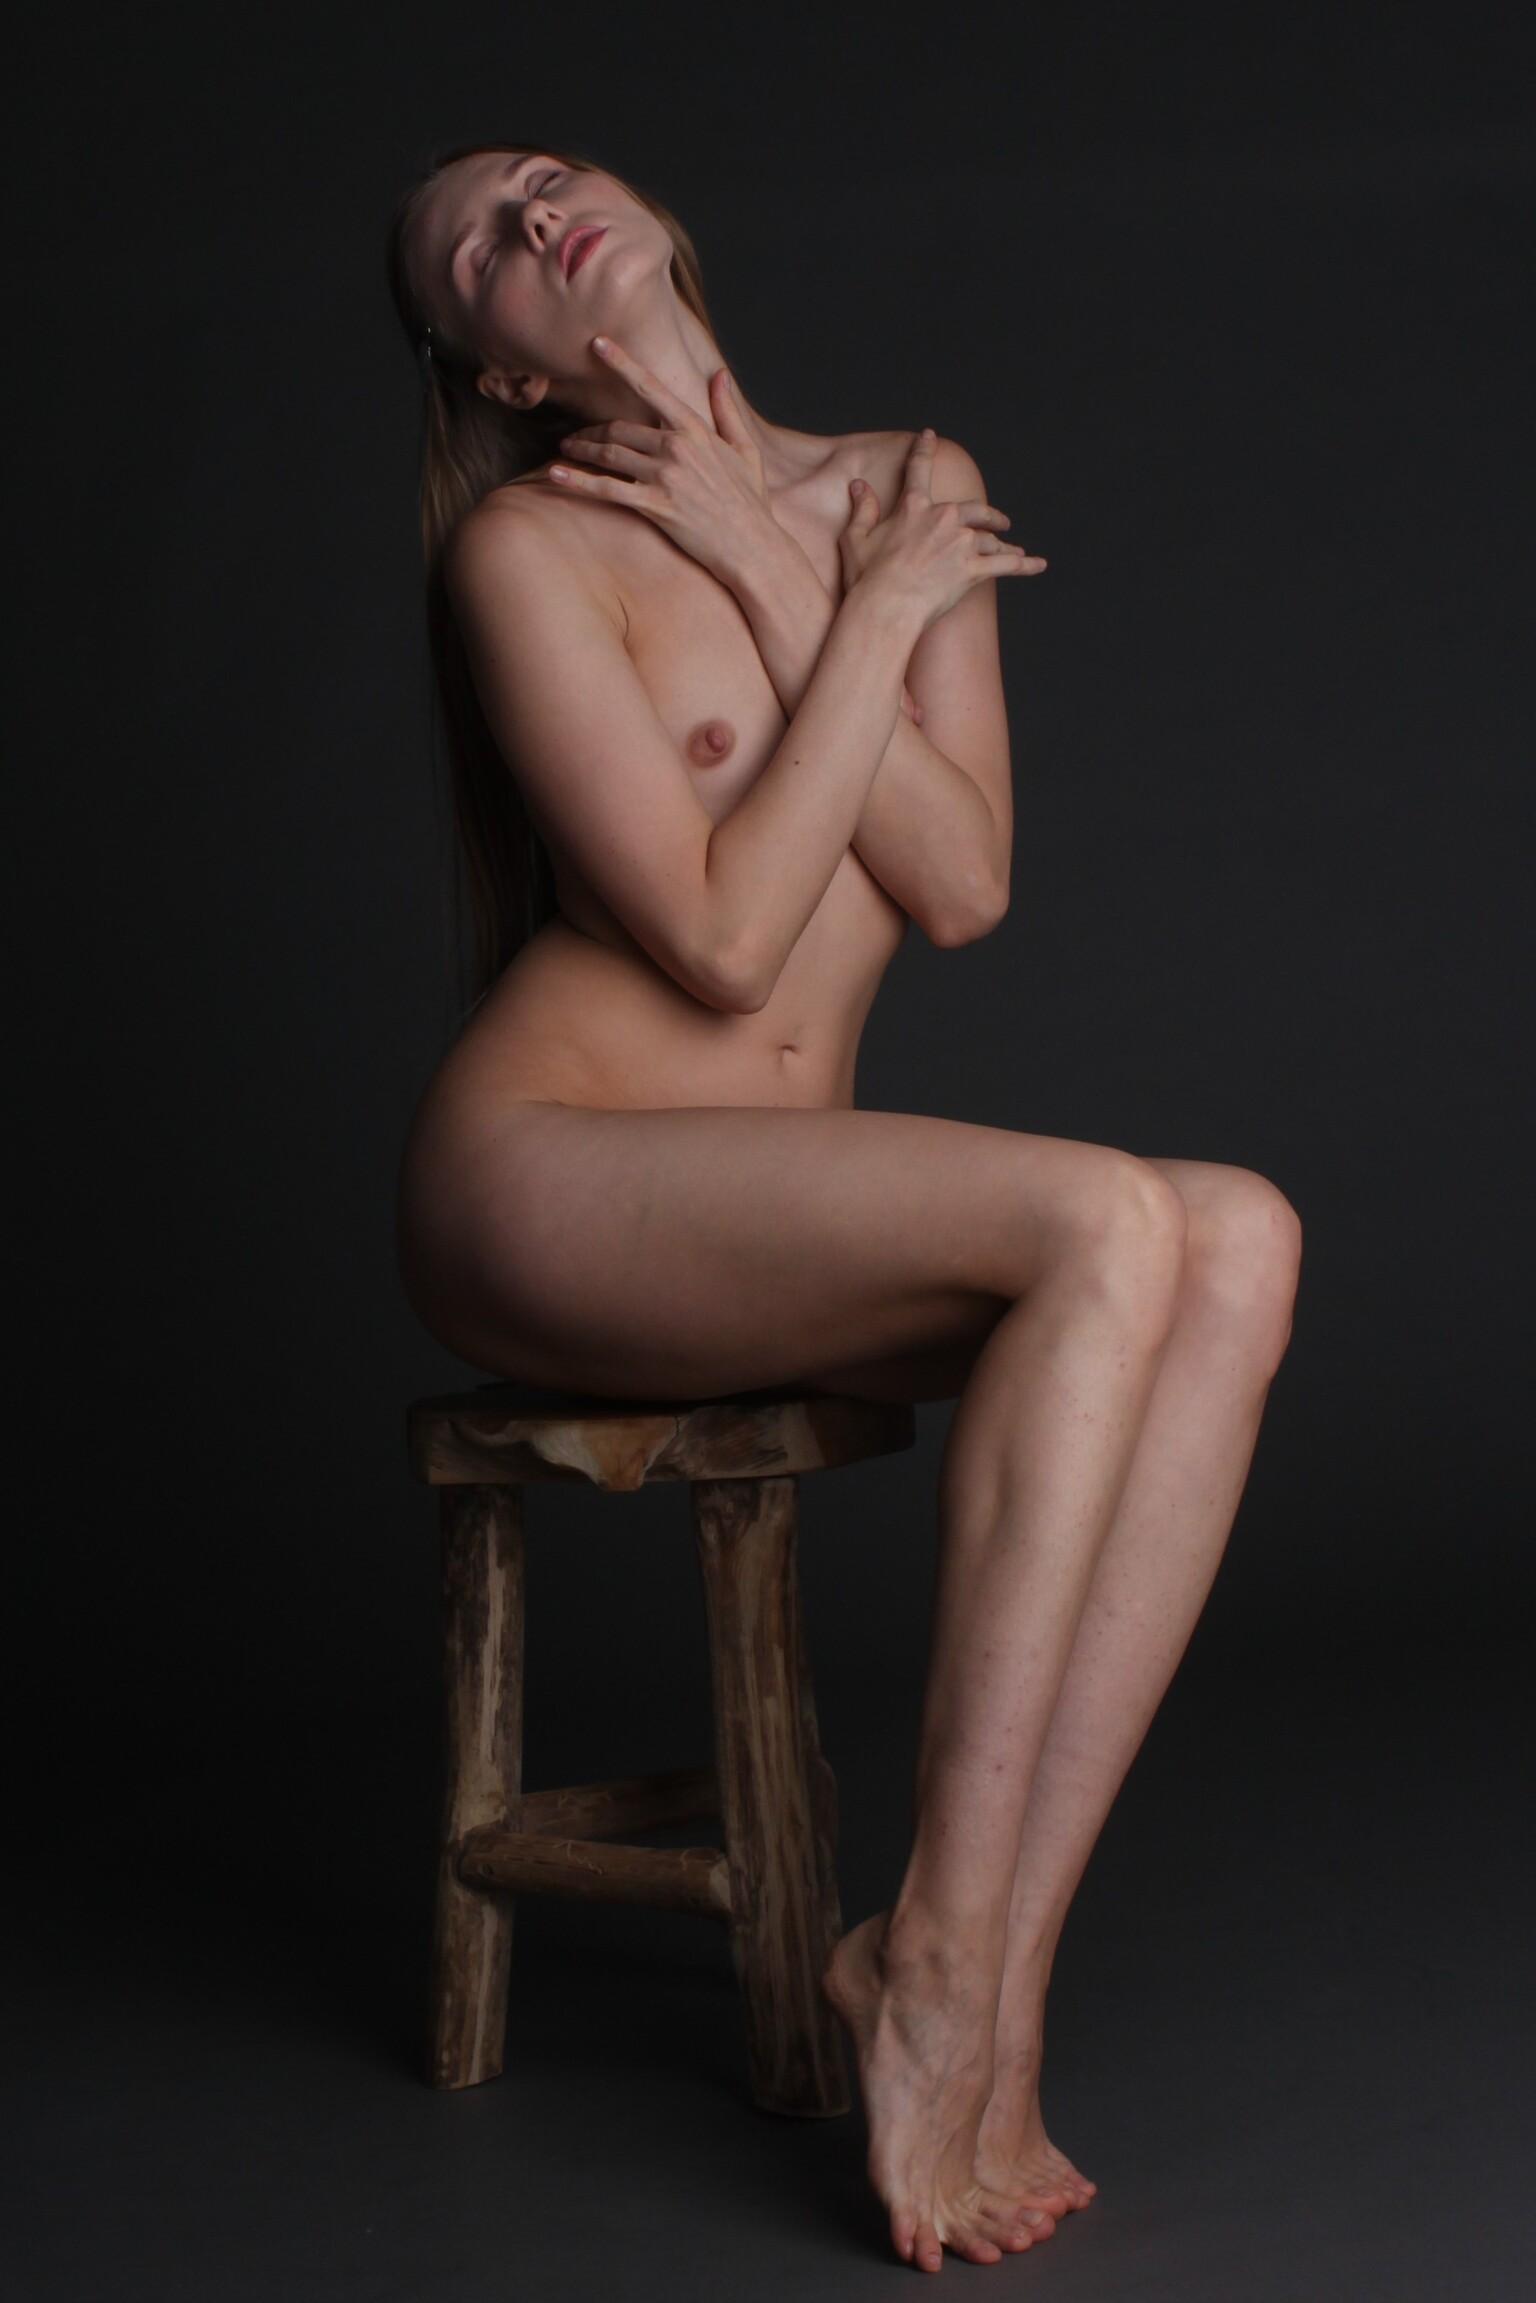 Nimfa on  the stool - Model: Nimfa - foto door MathieuMagne op 07-04-2021 - deze foto bevat: naakt, studio, model, vrouw, hoofd, arm, schouder, been, flitsfotografie, knie, nek, hout, dij, kunst